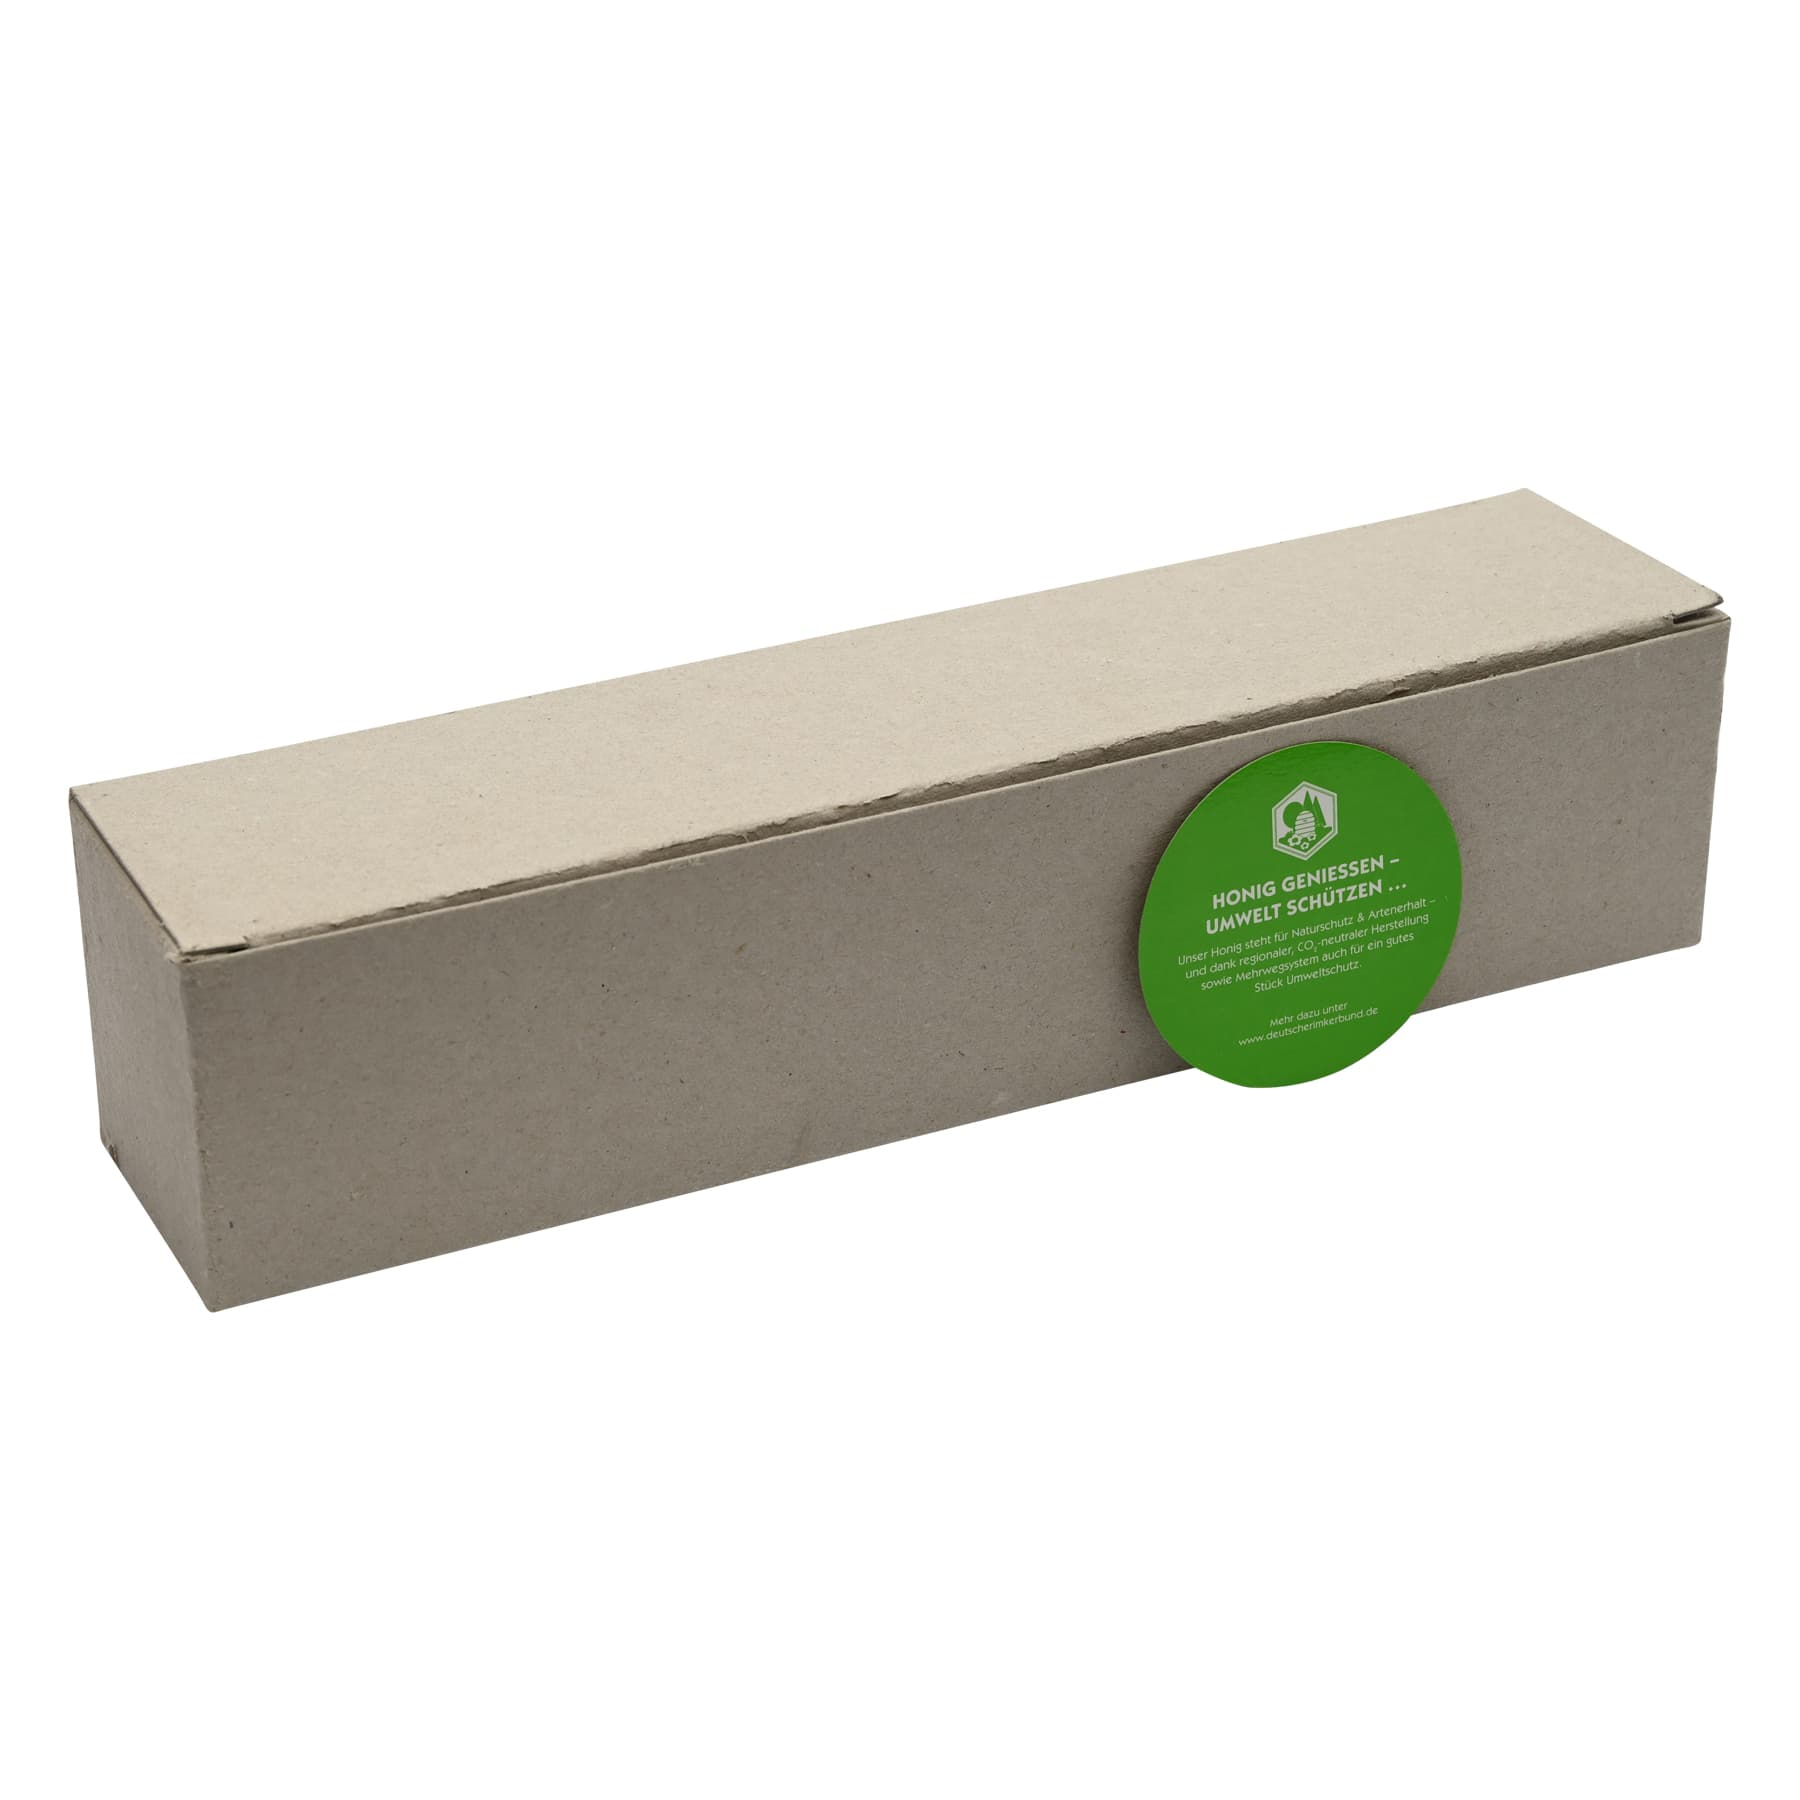 DIB Deckel-Einlagen für 250 g Gläser 600 Stück